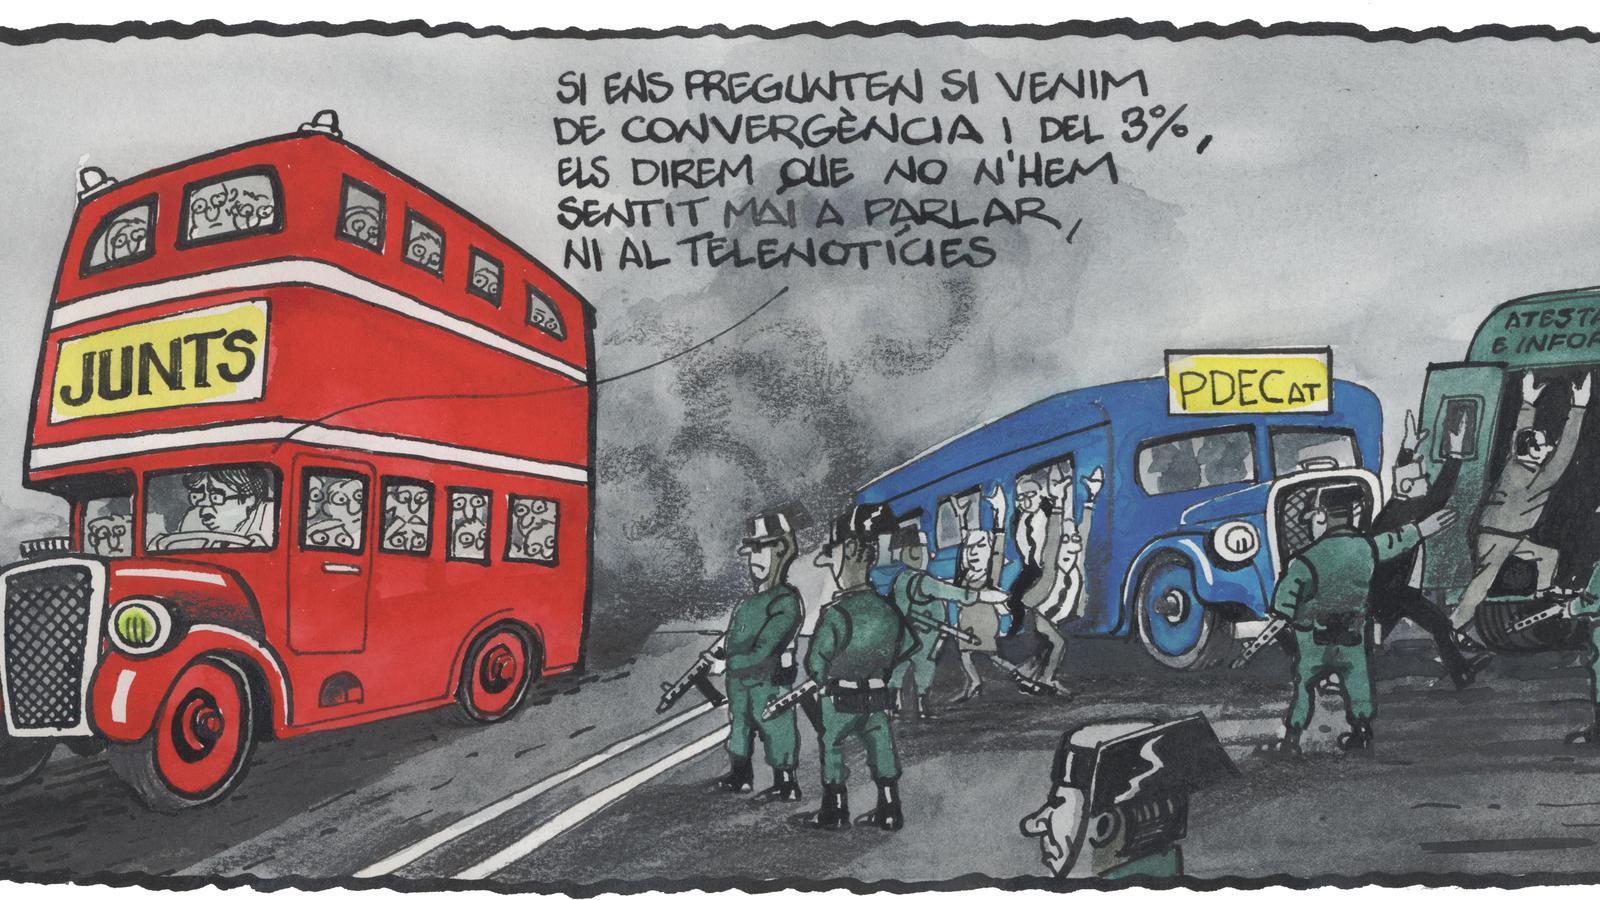 'A la contra', per Ferreres 06/08/2020